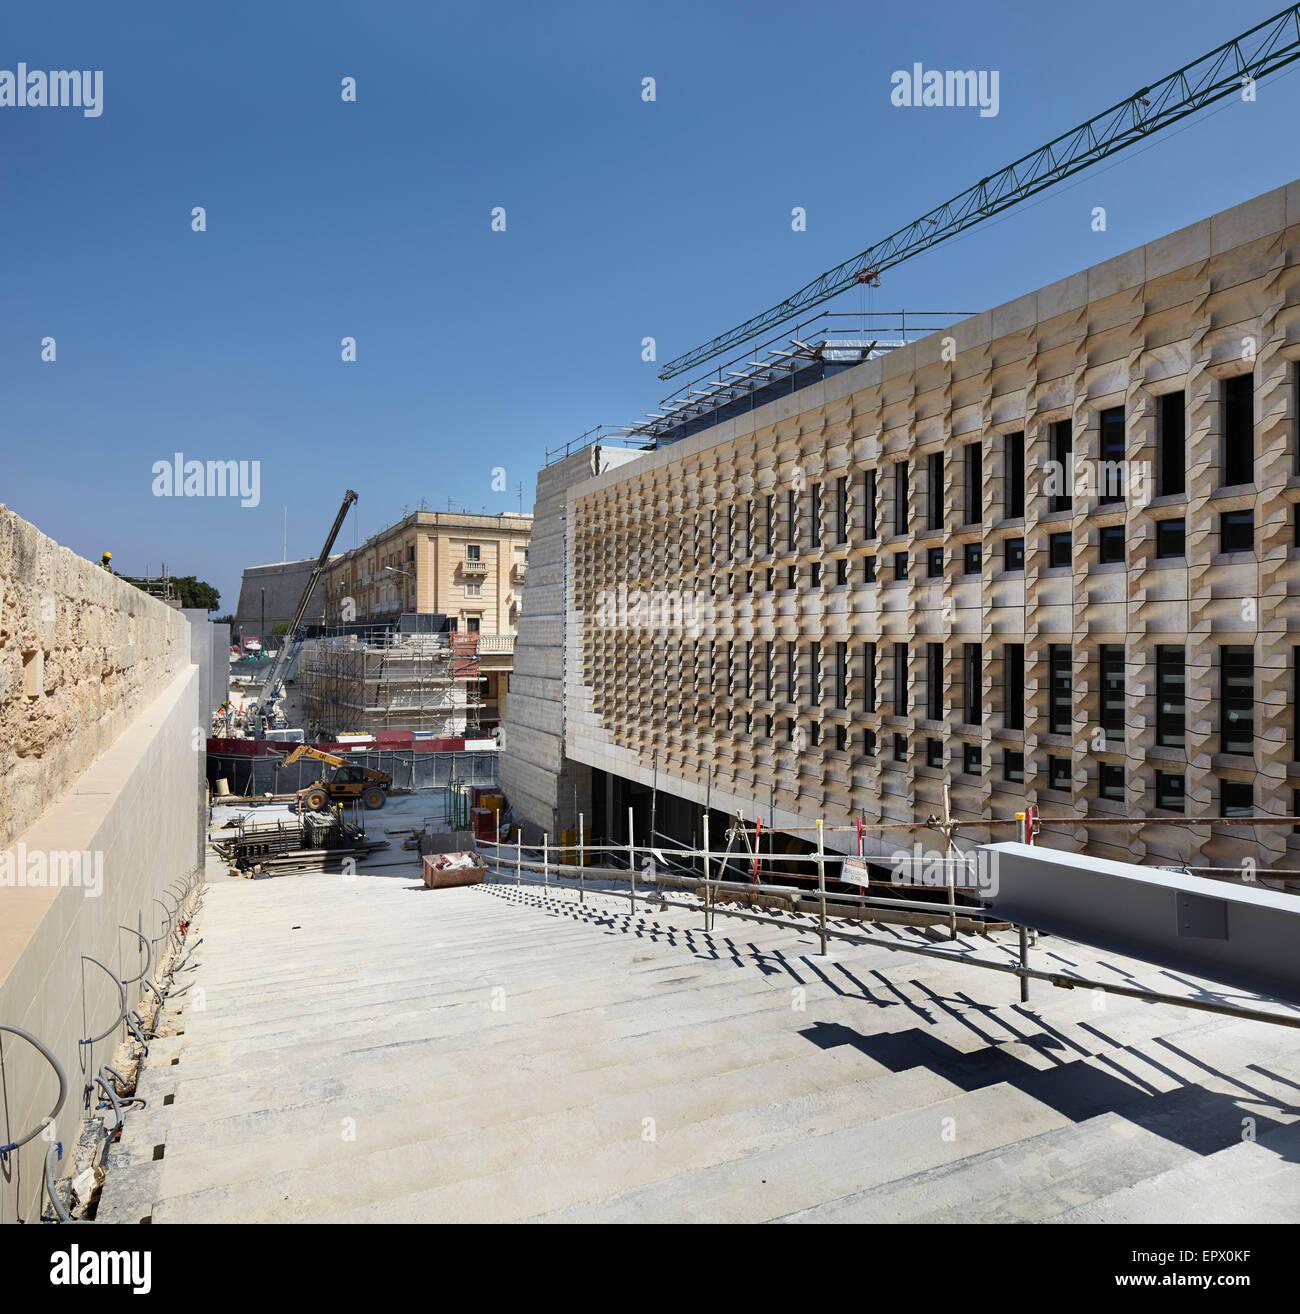 Work in progress on Valleta City Gates, Malta. - Stock Image